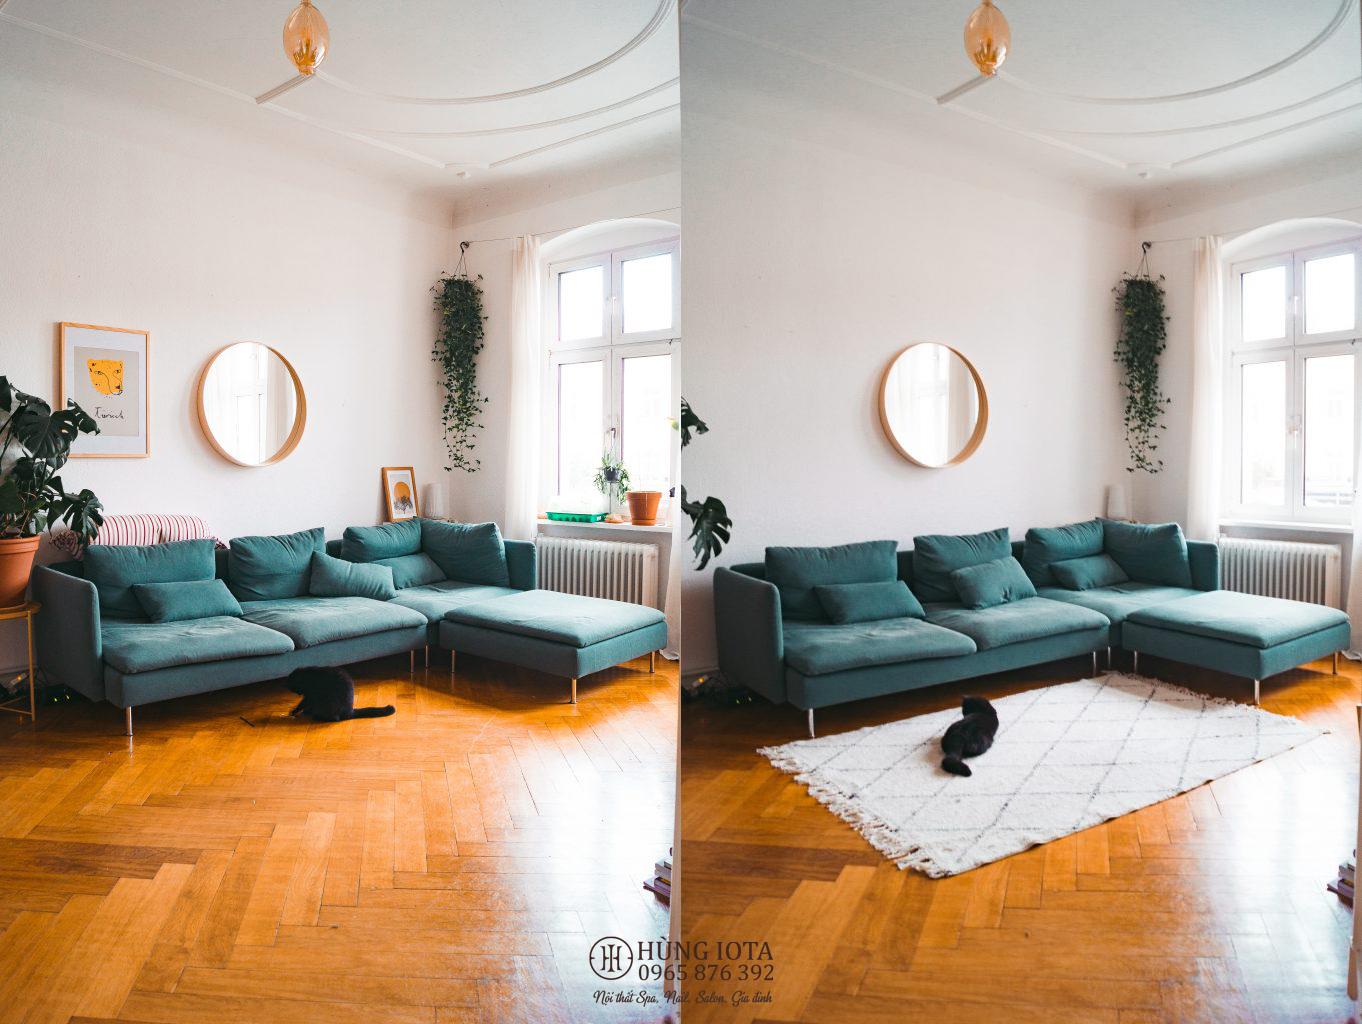 Sofa decor màu xanh lục đẹp cho chung cư đẹp sang trọng